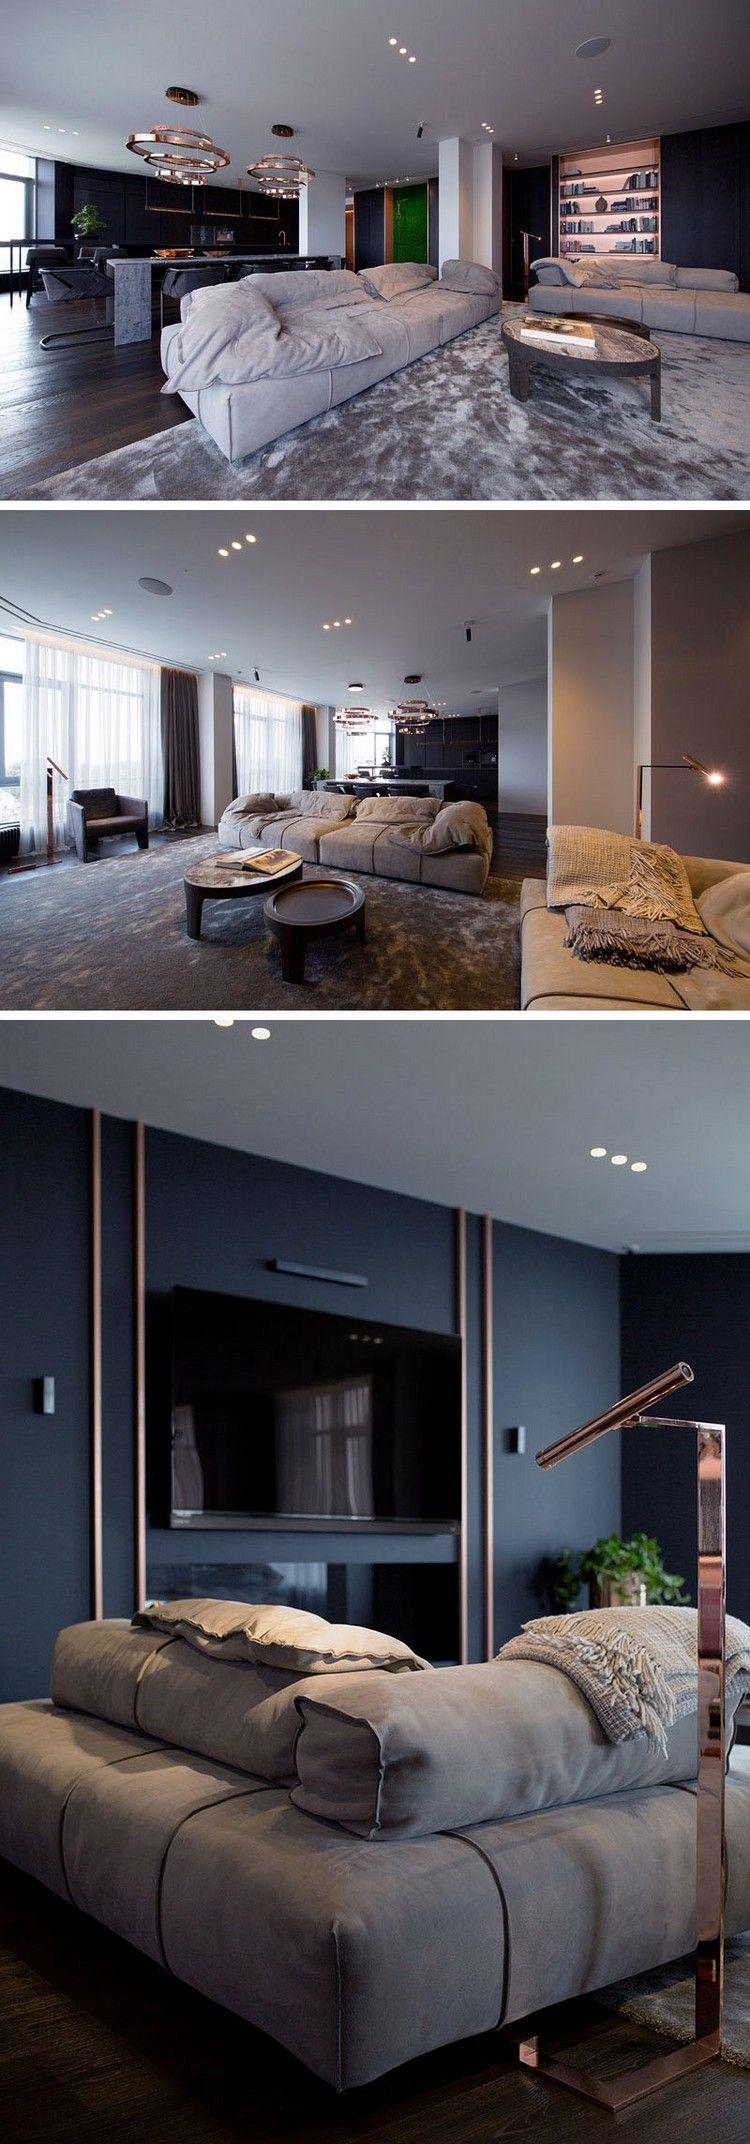 offenes wohnzimmer kupfer akzente wanddeko leuchten #innendesign ...